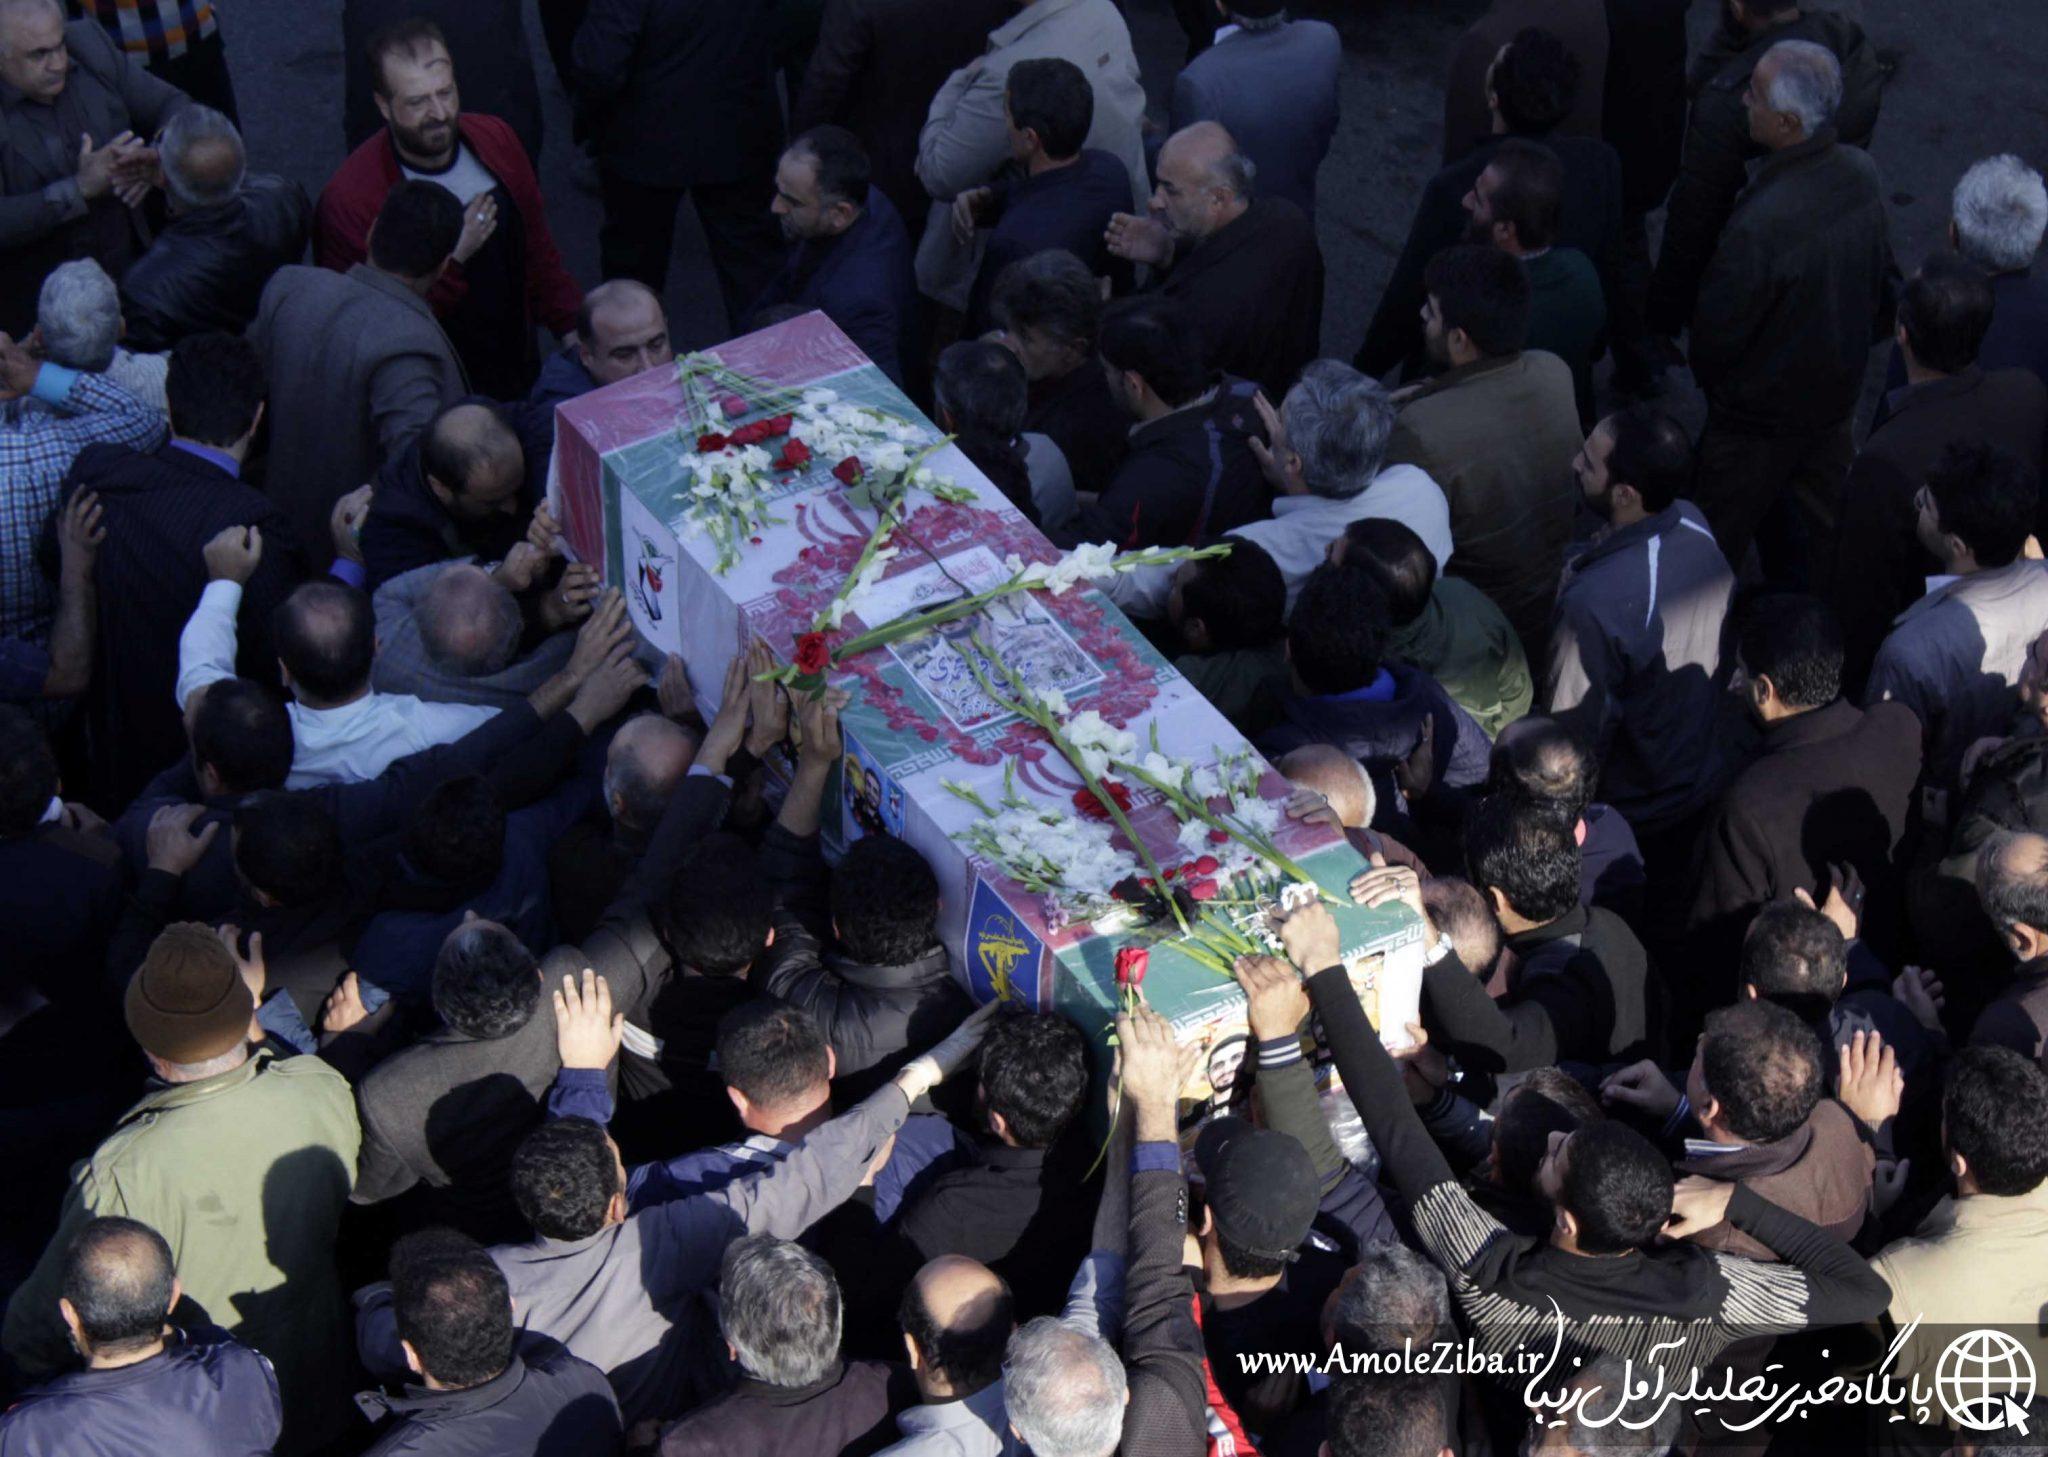 گزارش تصویری مراسم تشییع پیکر هشتمین شهید مدافع حرم آمل